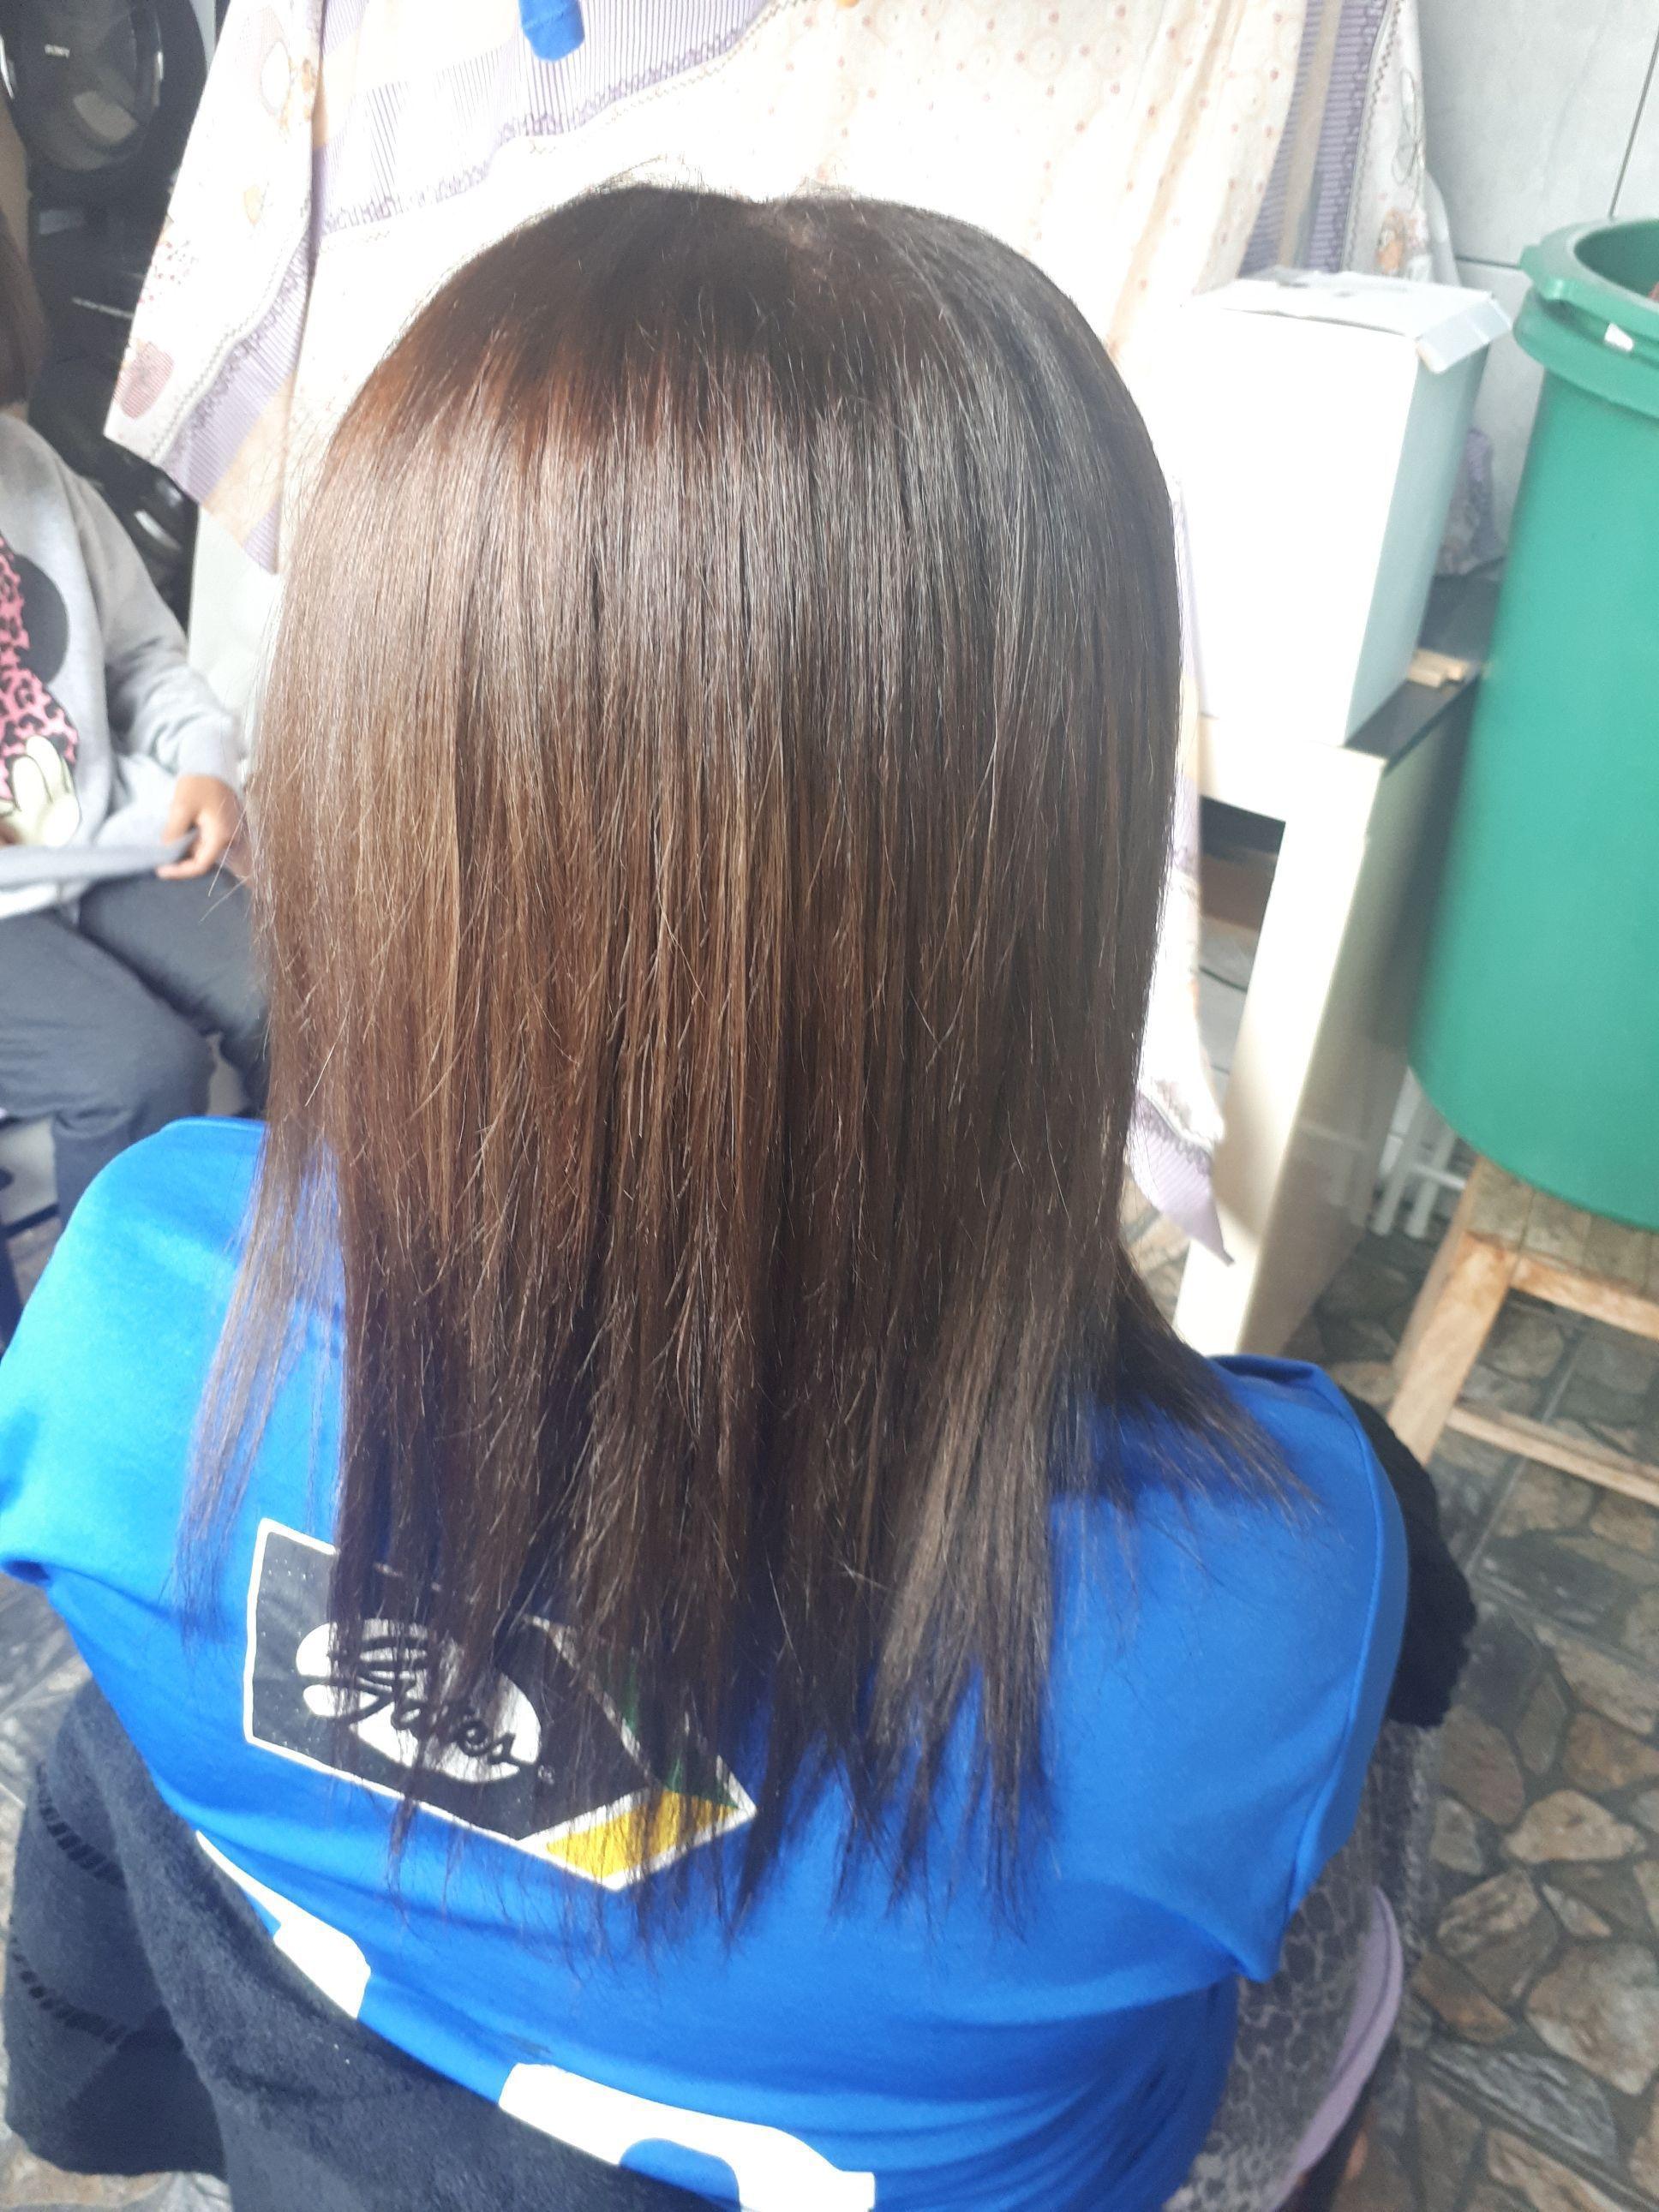 Depois da aplicação  tinta, hidratação  escova e prancha cabelo auxiliar cabeleireiro(a)